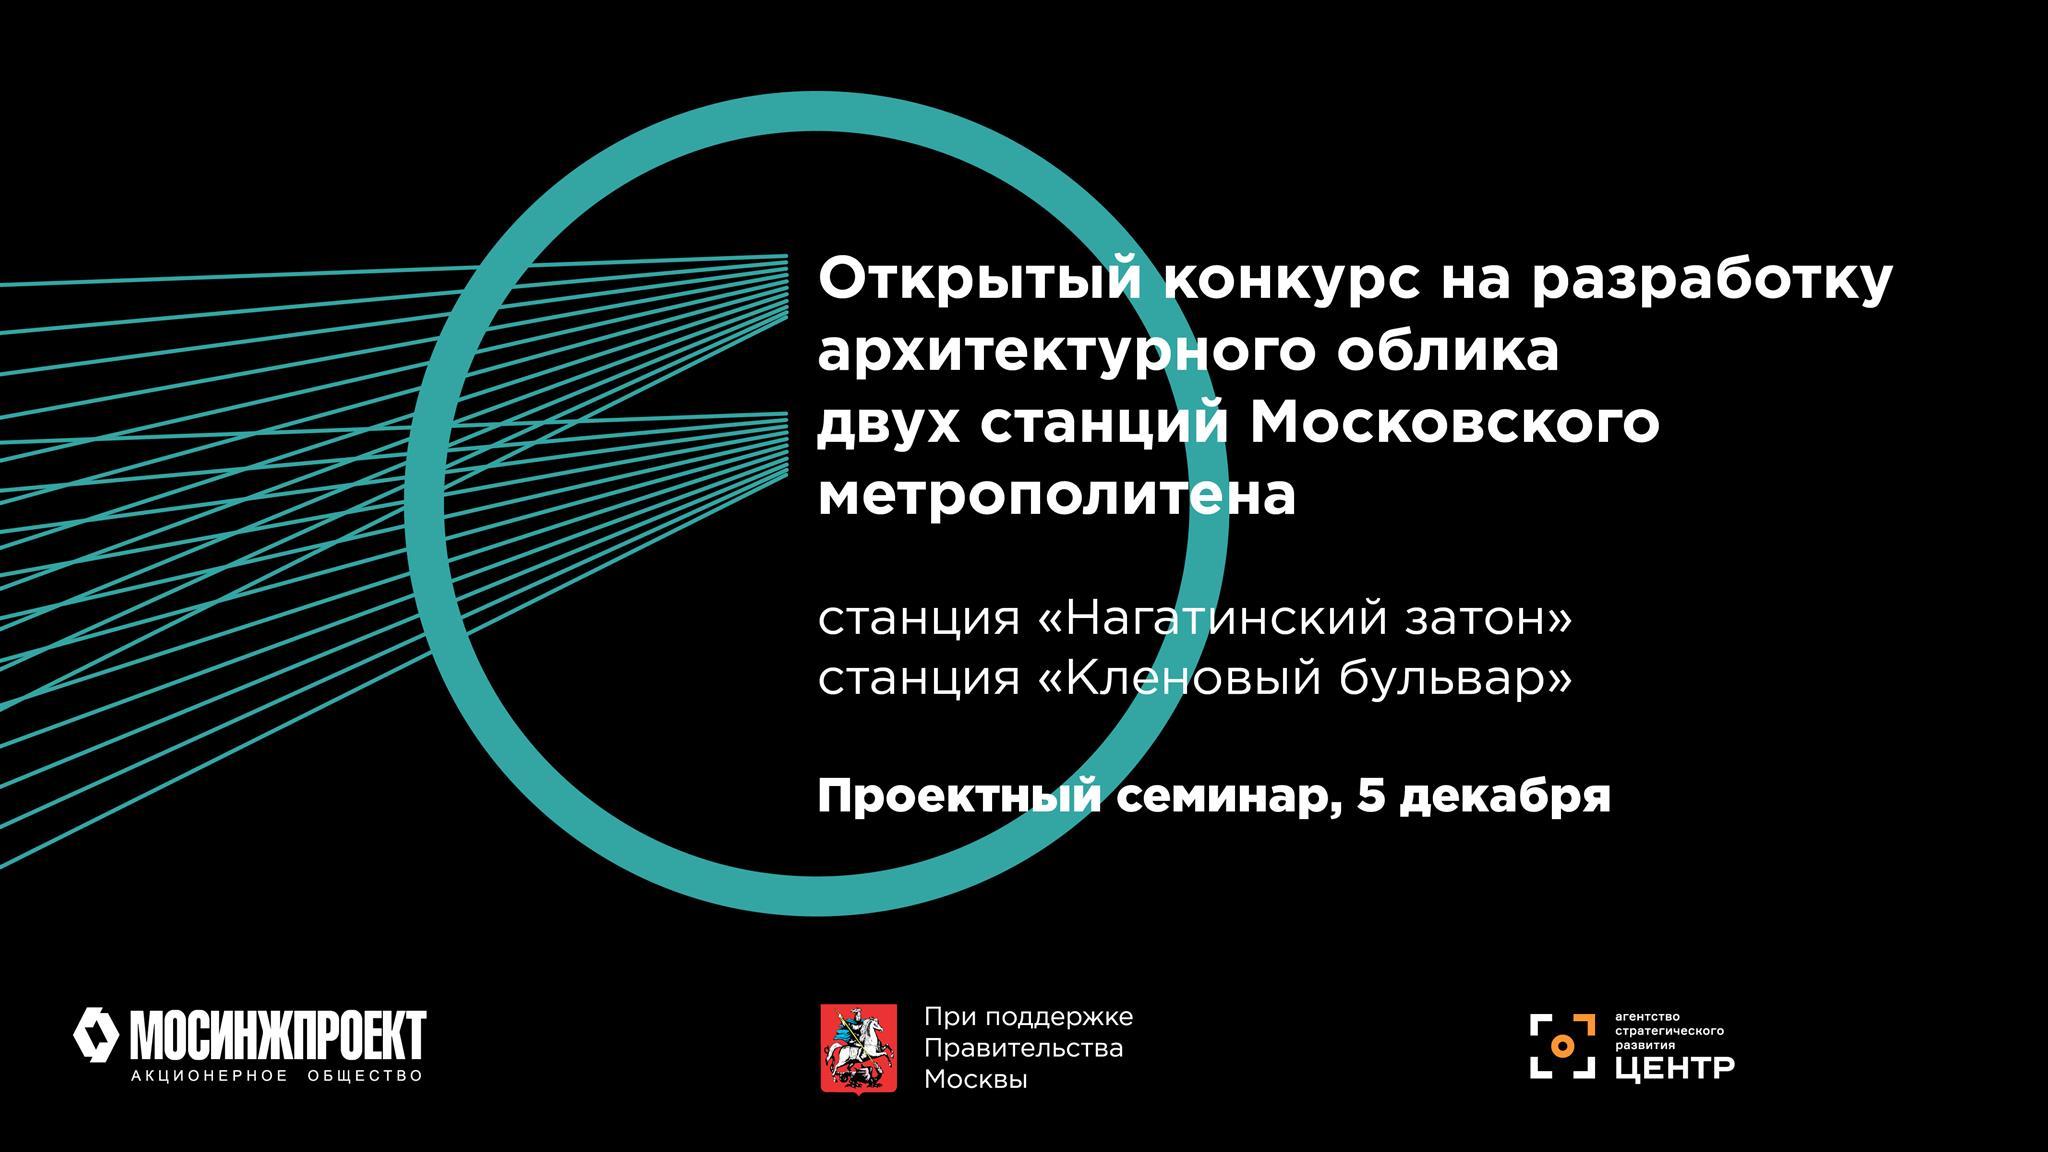 Проектный семинар для участников конкурса